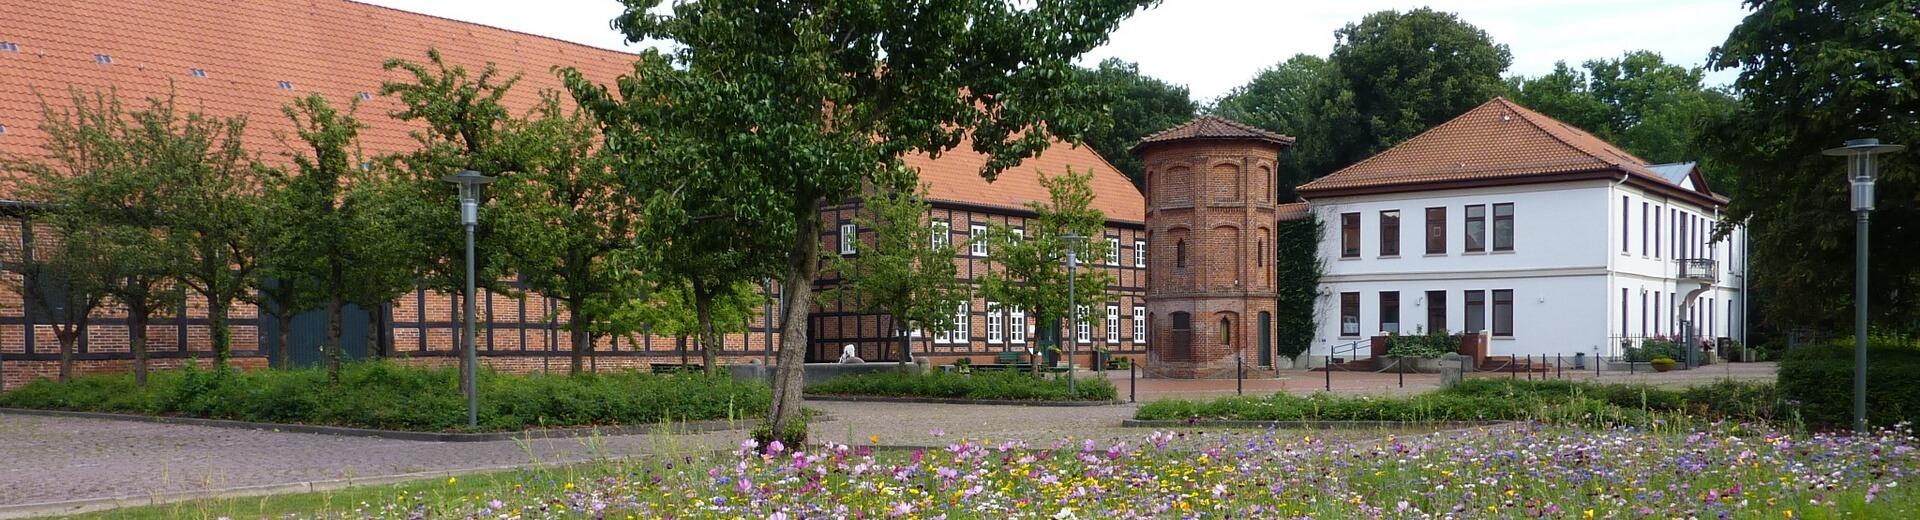 Rathaus_Folgeseite_Rathausplatz